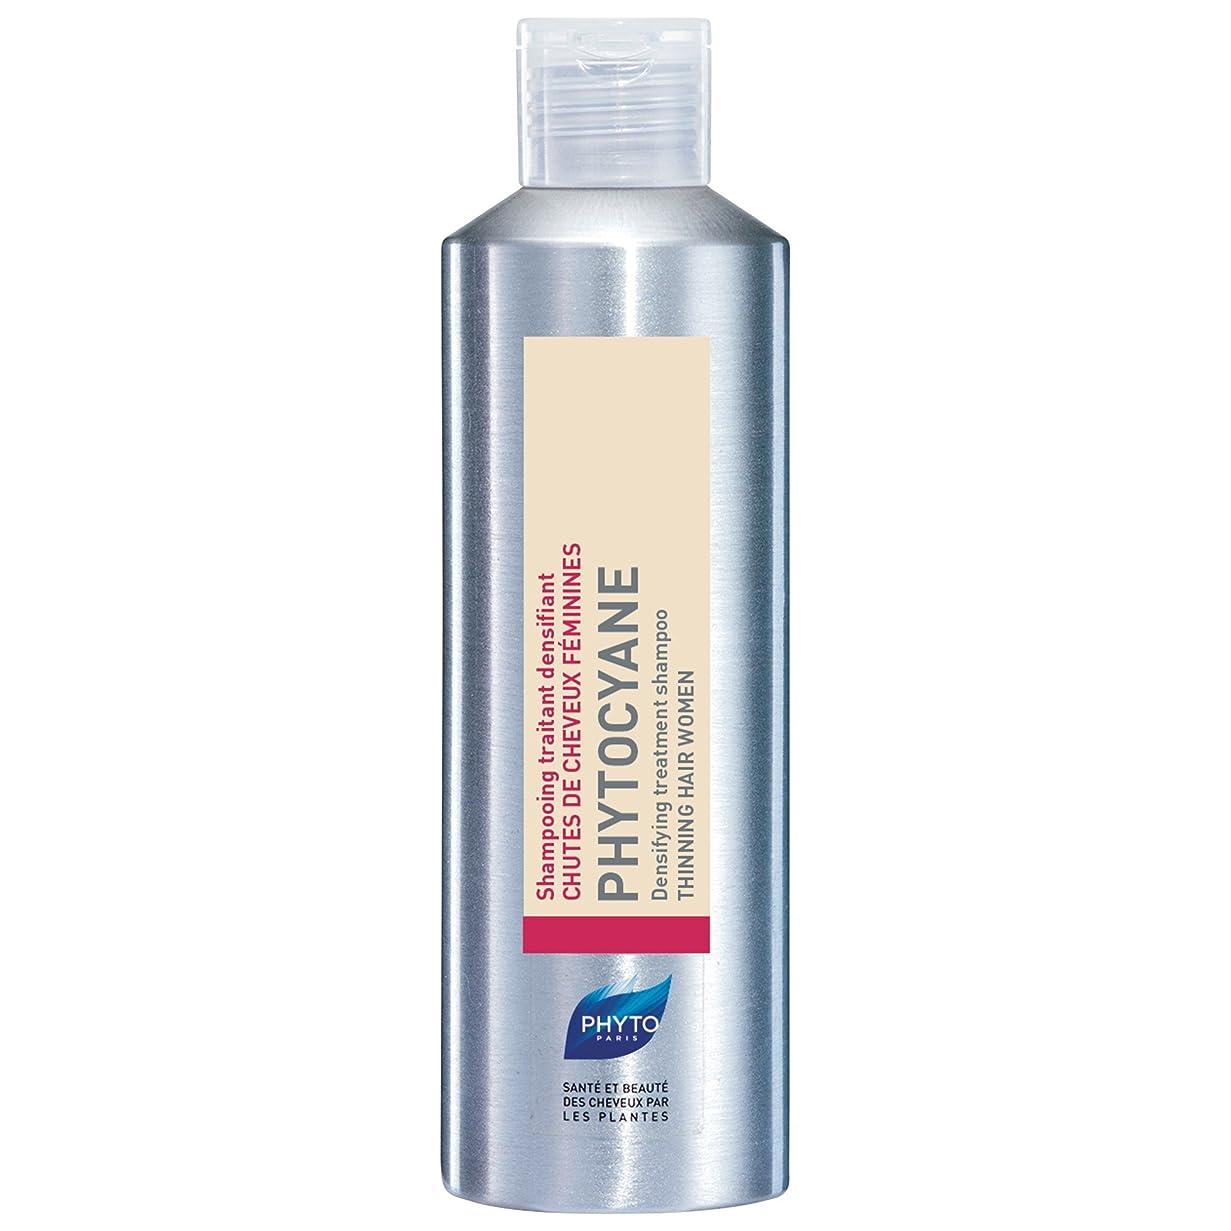 クーポン合理化硬さ髪の200ミリリットルを薄くするための予防のためのシャンプーを緻密化フィトPhytocyane (Phyto) (x2) - Phyto Phytocyane Densifying Treatment Shampoo for Thinning Hair 200ml (Pack of 2) [並行輸入品]